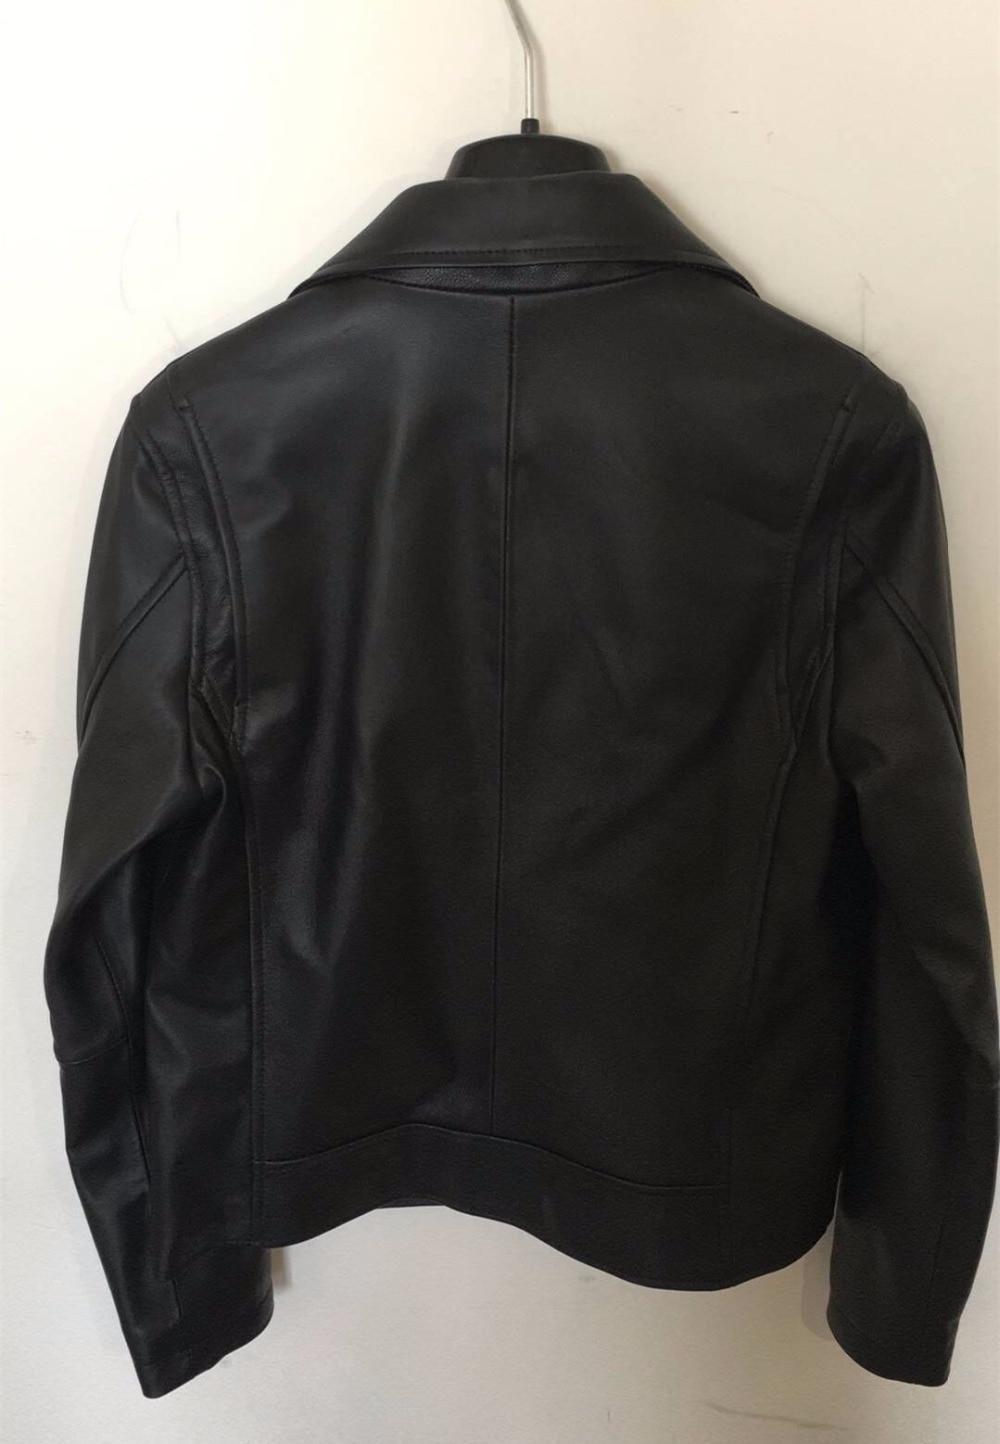 En Qualité Chic Cuir Haute Noir Moteuramp; Vestes Designer 2018 Peau S489 Femmes Automne Printemps Biker Nouveau Mouton Manteau De I92eDEHWY